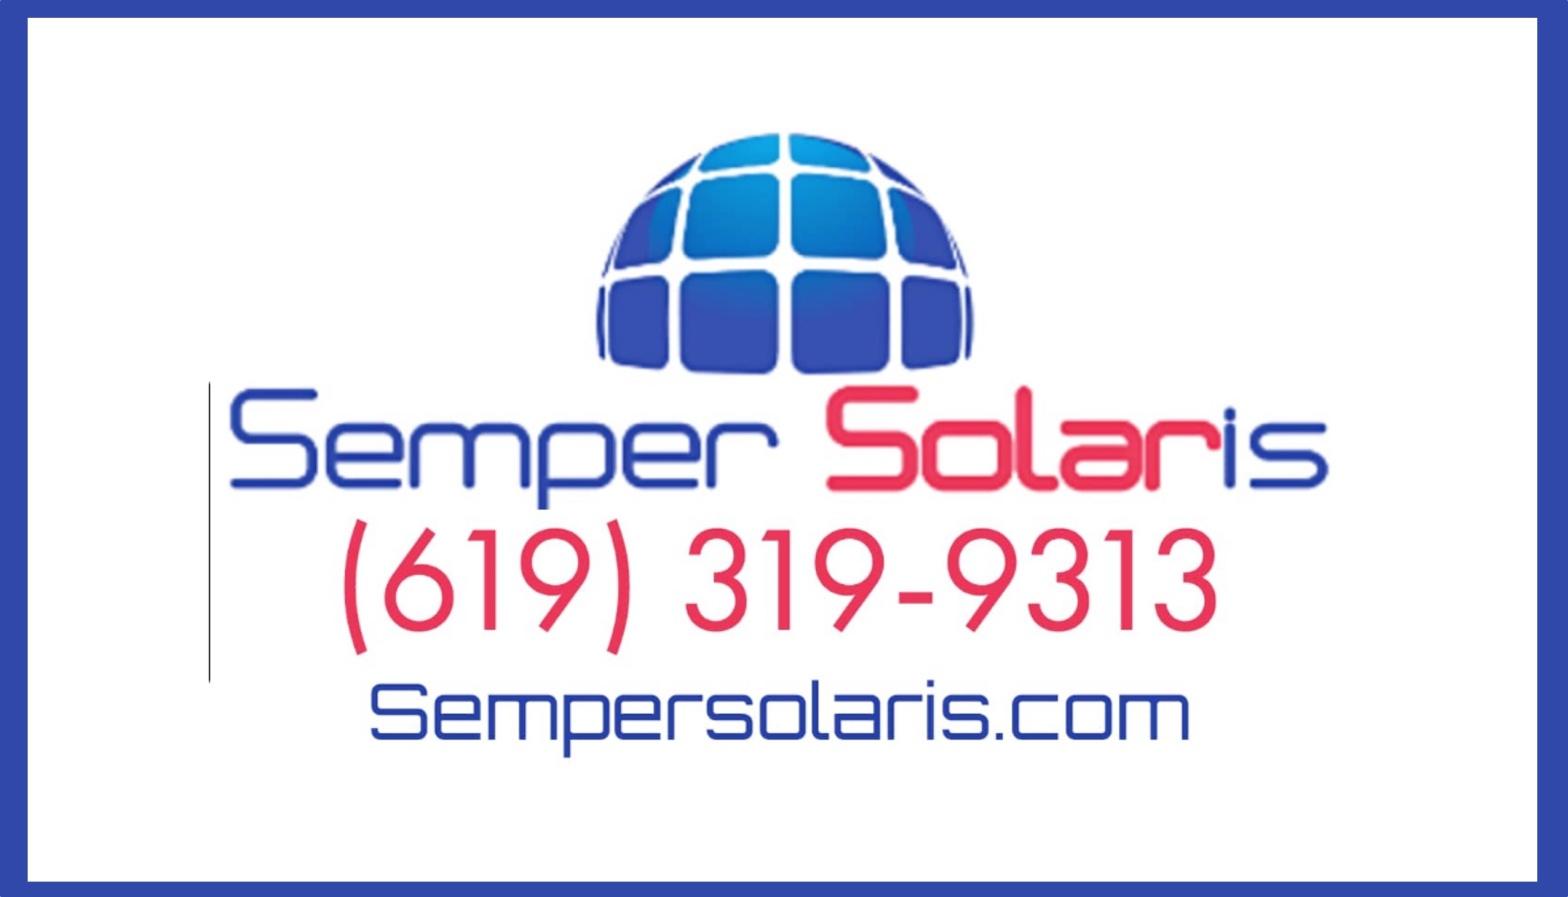 Best HVAC Services in San Diego California